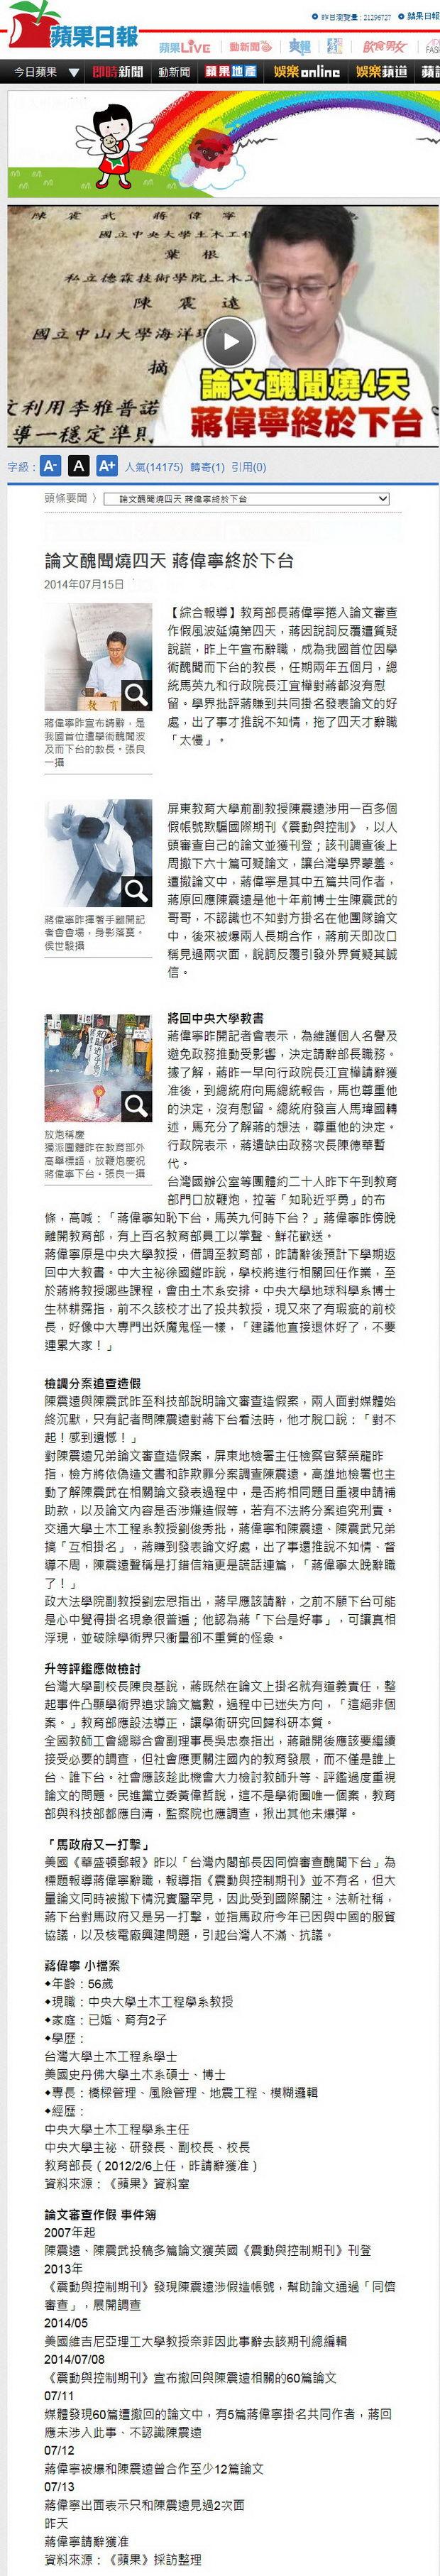 論文醜聞燒四天 蔣偉寧終於下台-2014.07.15-01.jpg